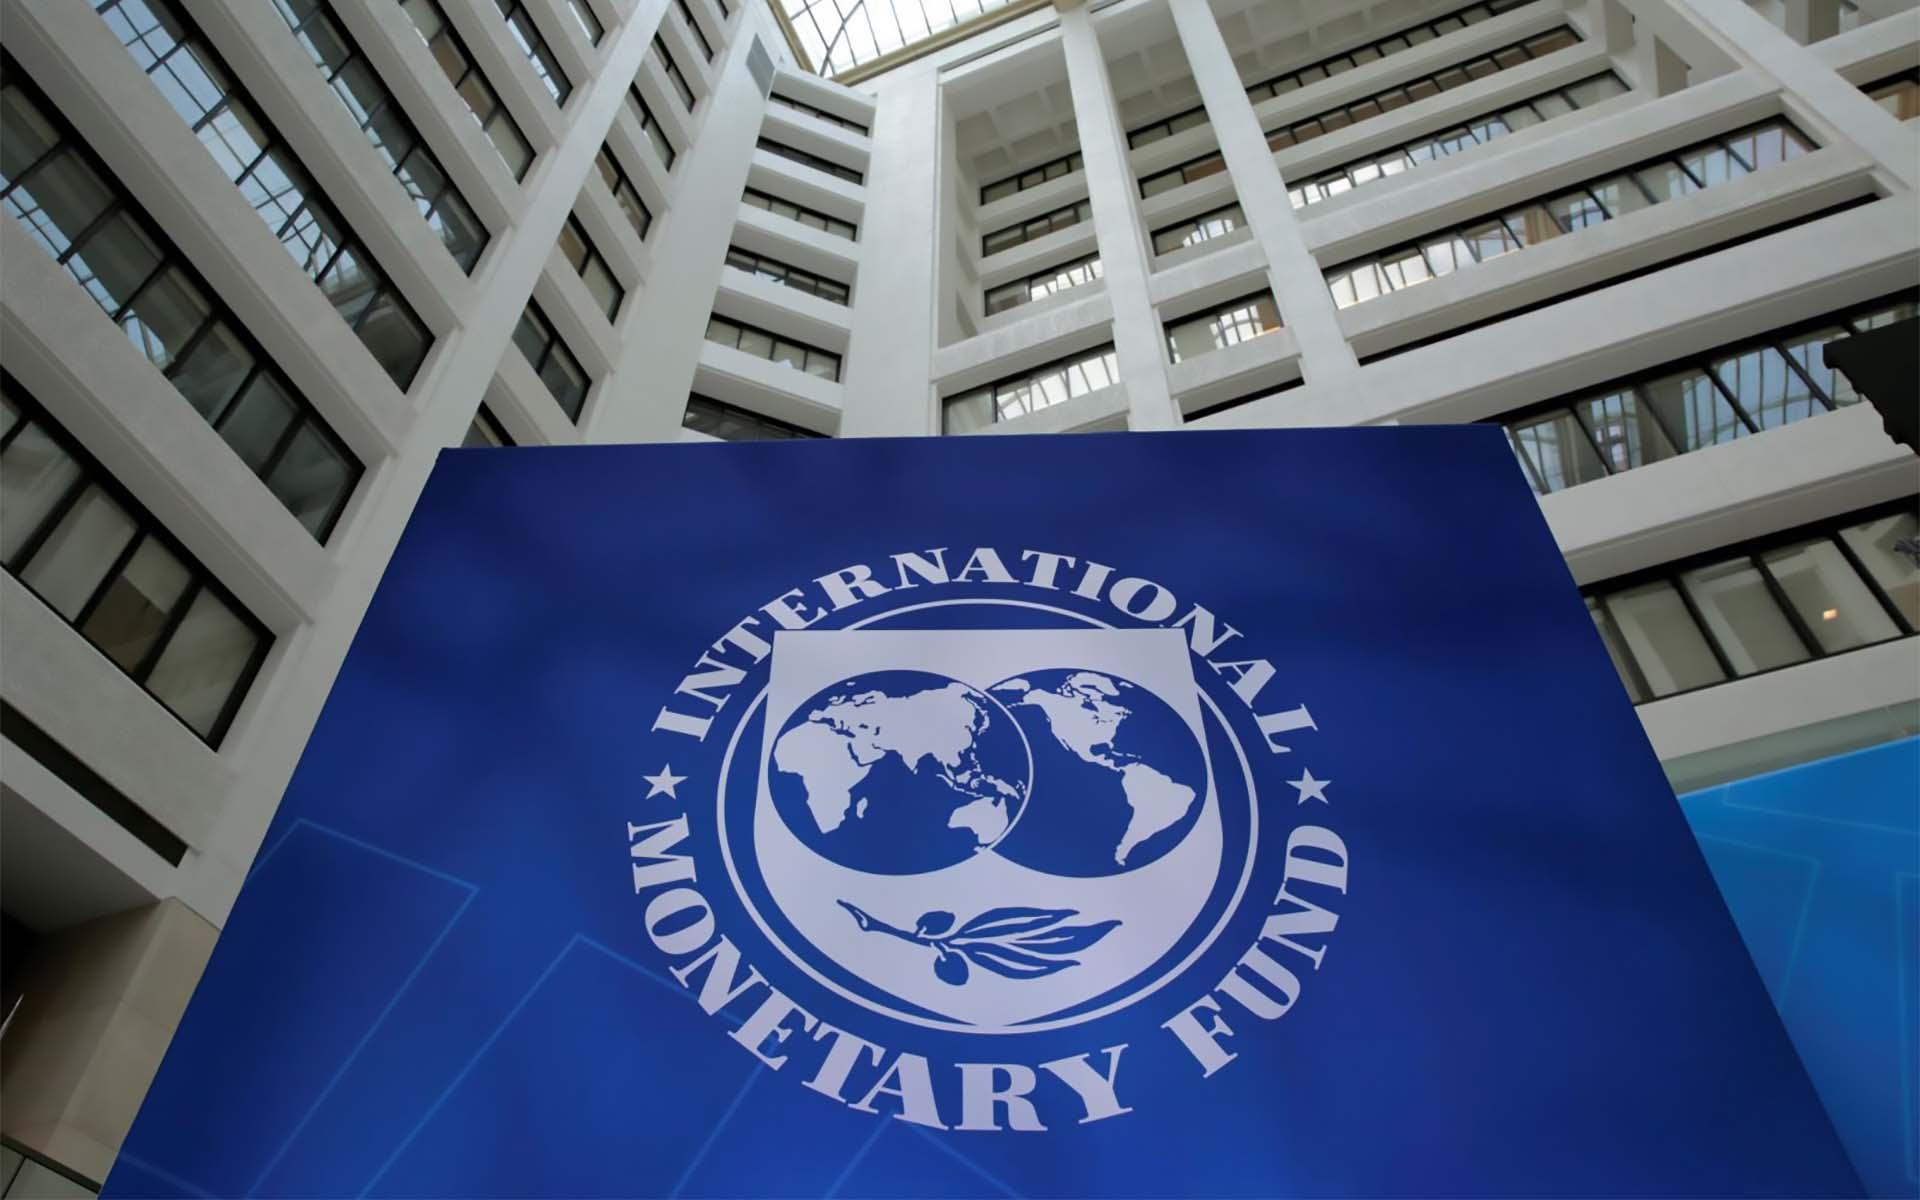 Kipar: Projekcije za smanjenje od 6,5% u ovoj i 5,6% rasta u idućoj godini, kaže MMF